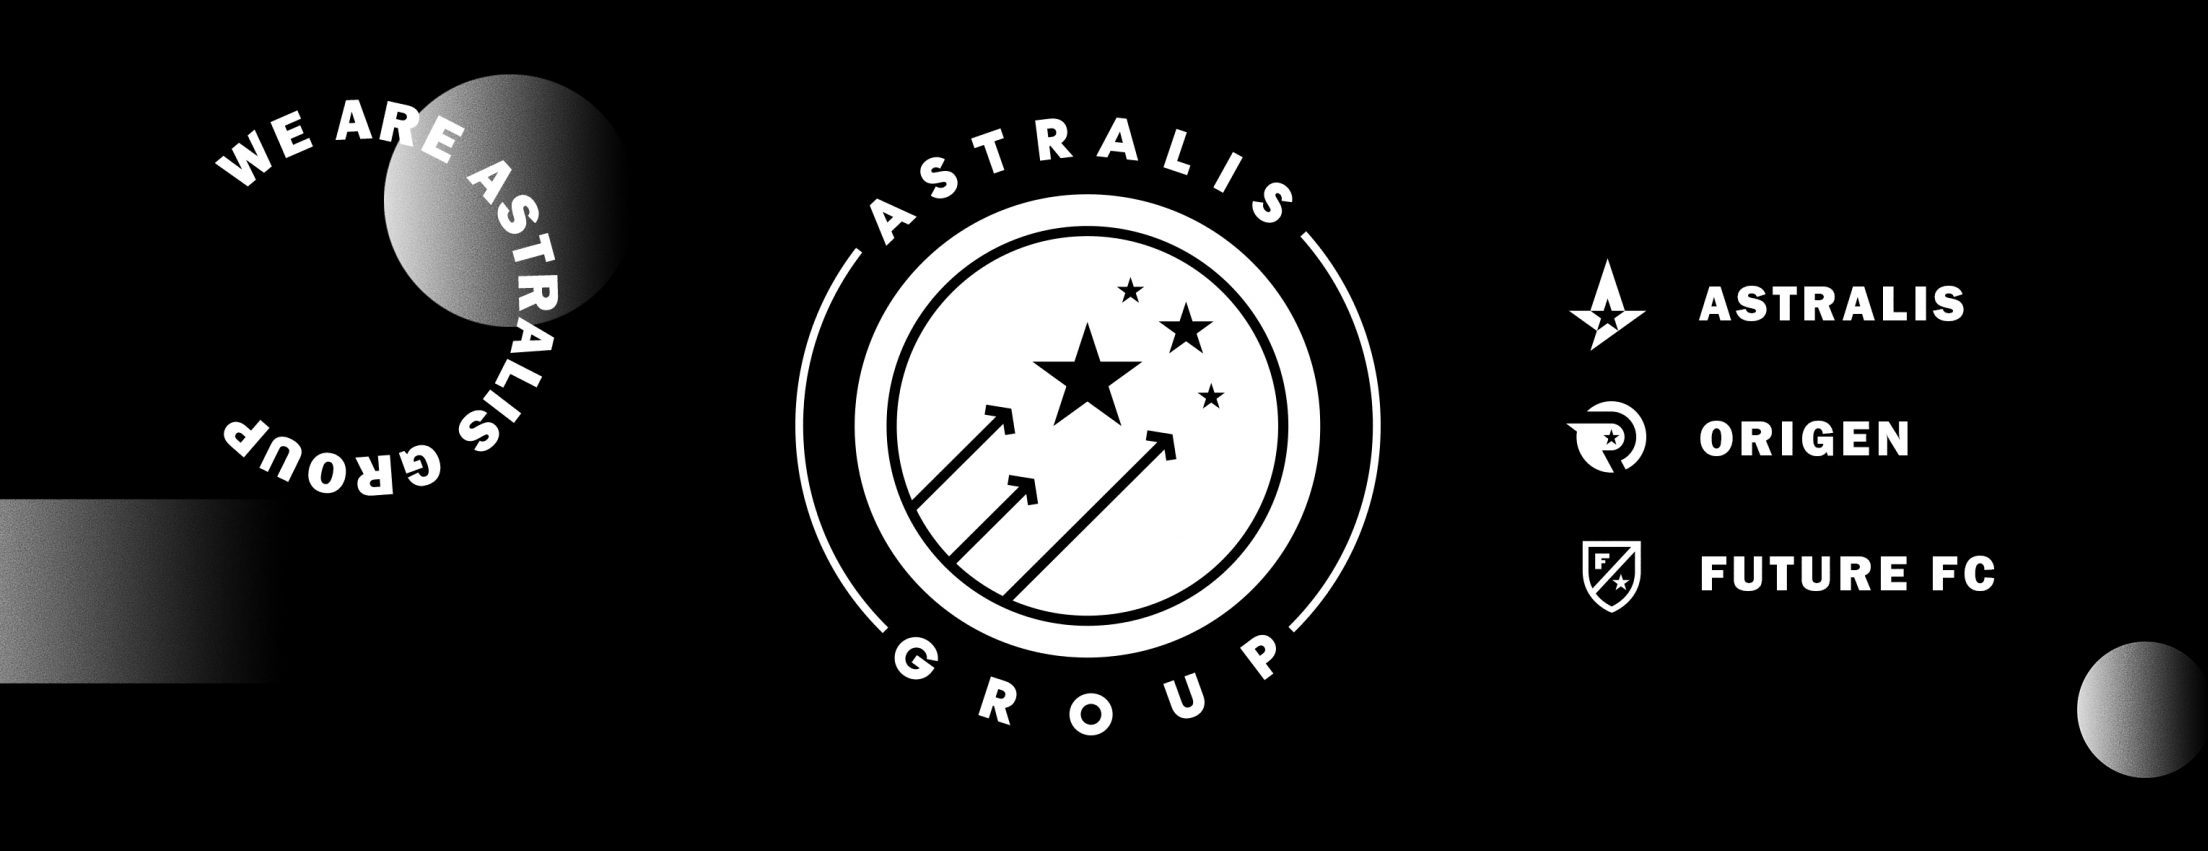 Tässäkö kultainen sijoitusvinkki? – Astralis Group kirjautuu ensimmäisenä e-urheiluyhtiönä pörssiin